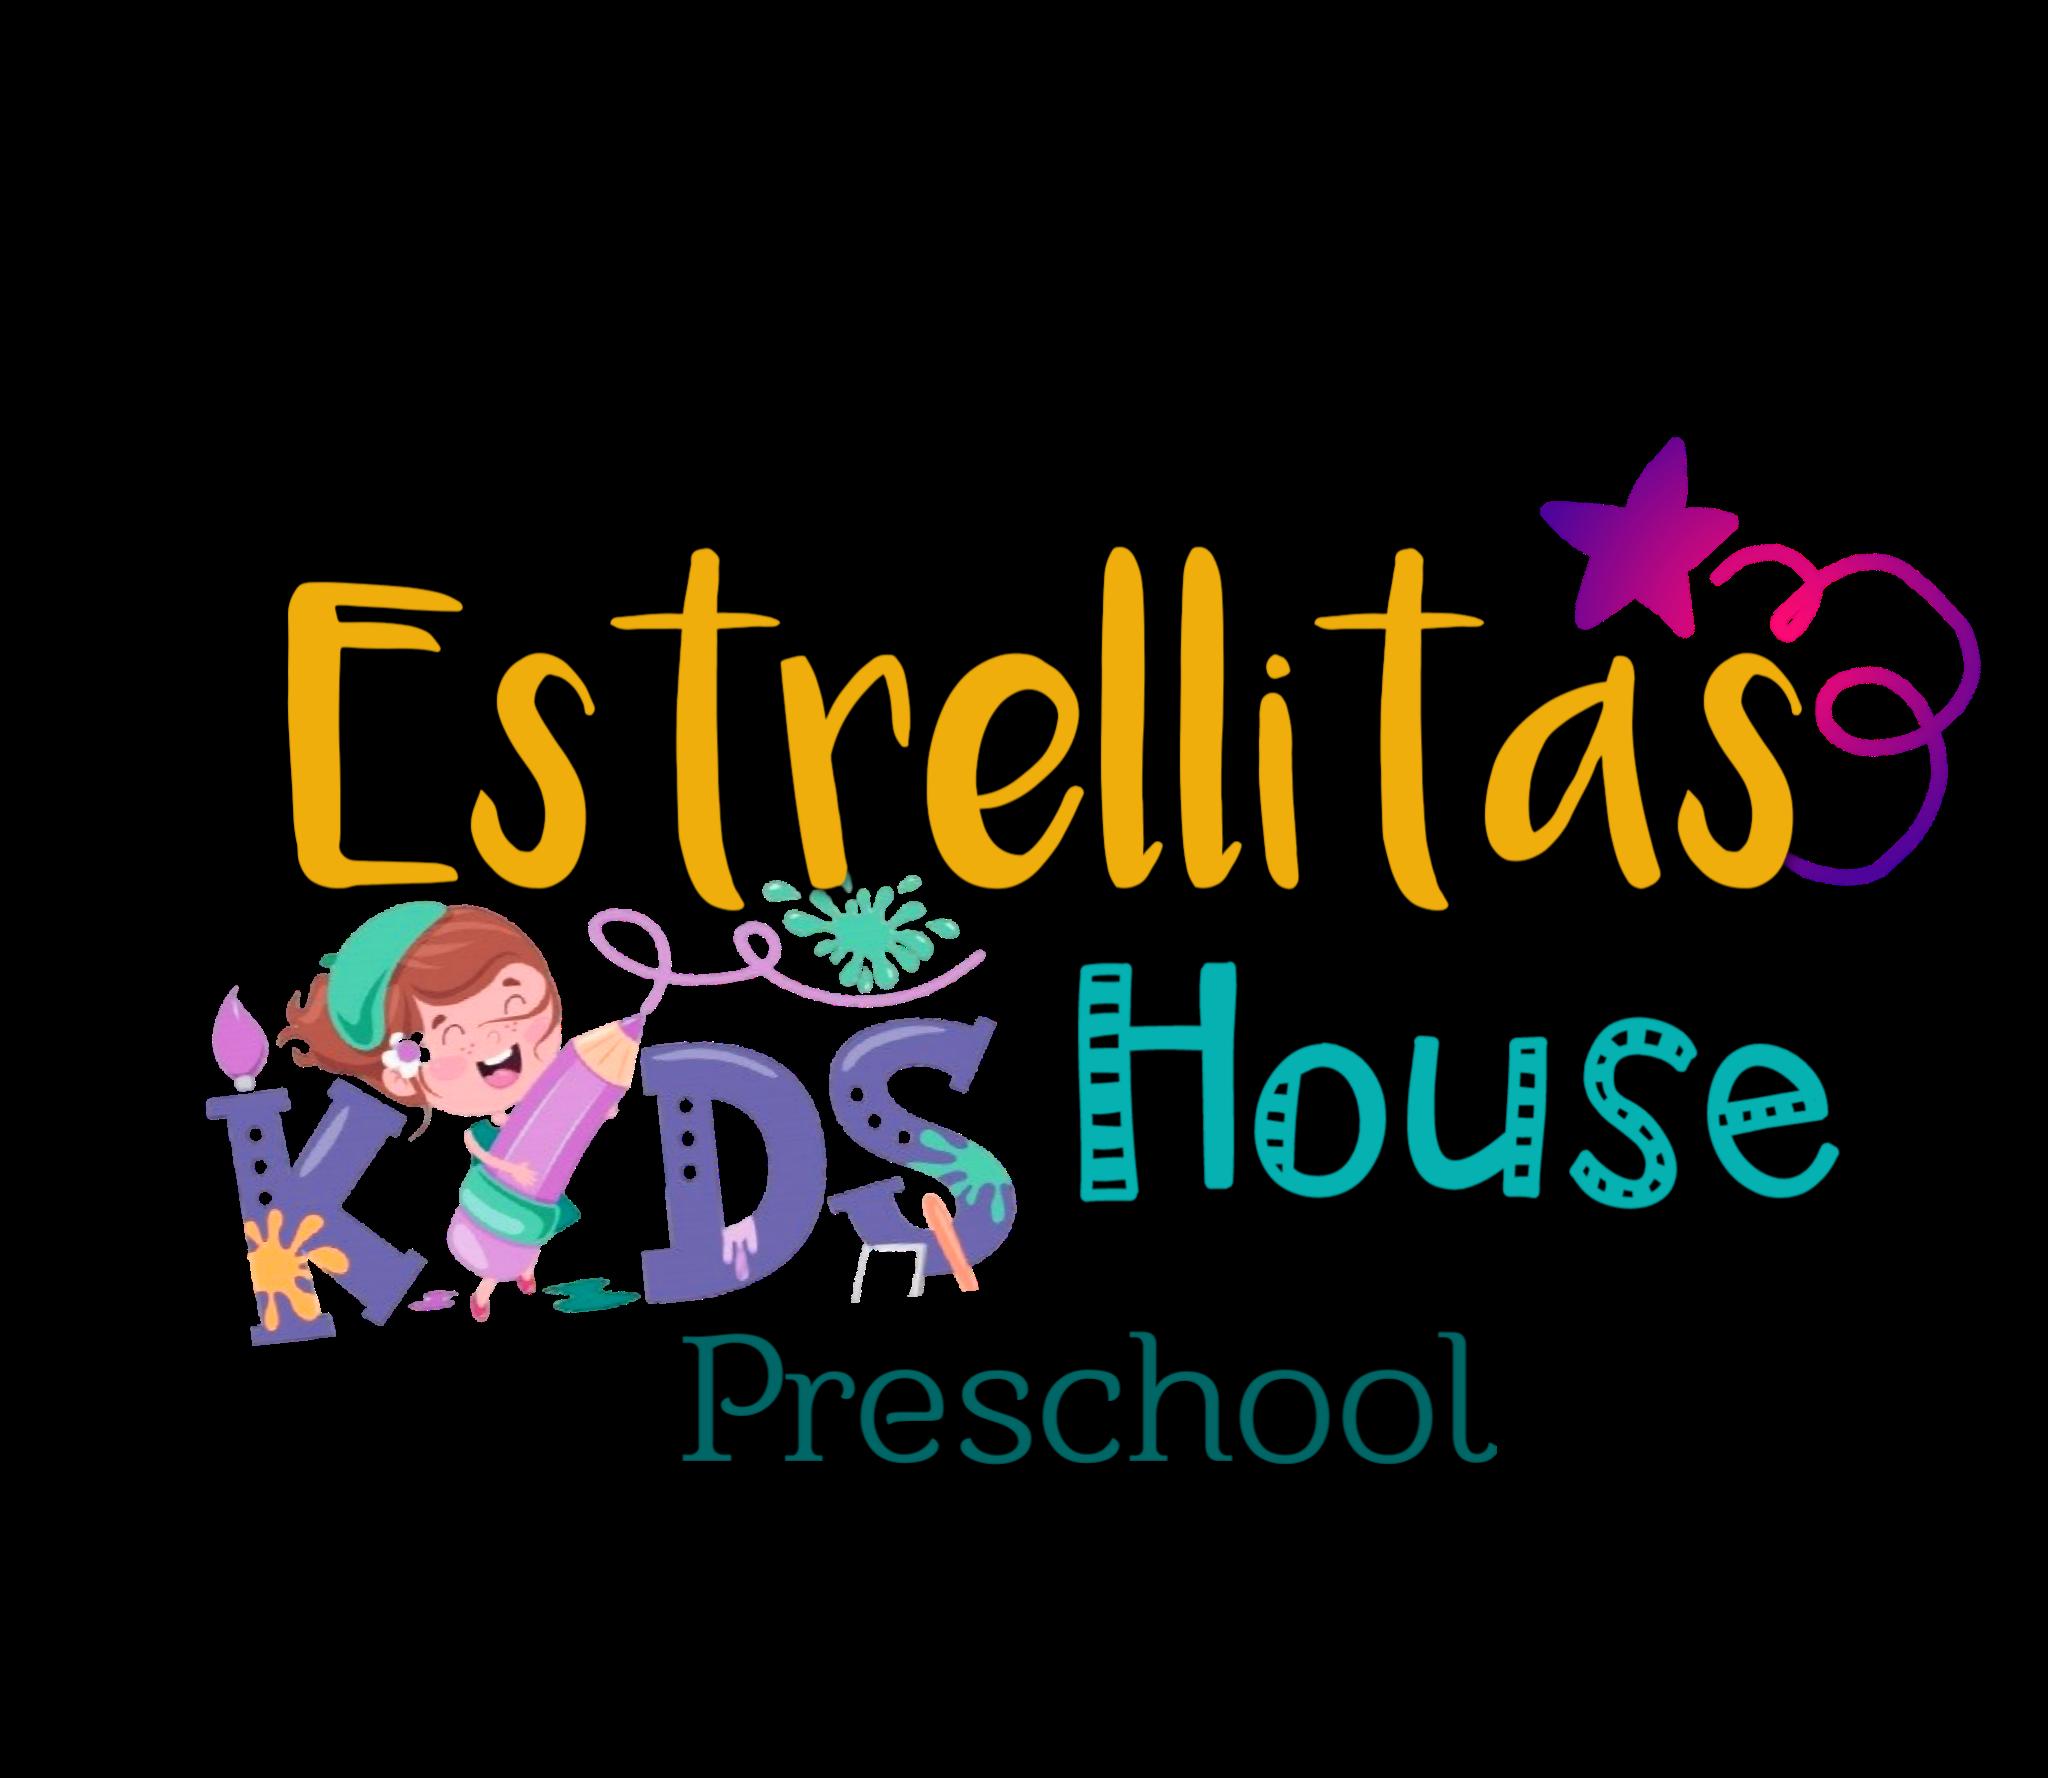 Estrellitas-Kids-House